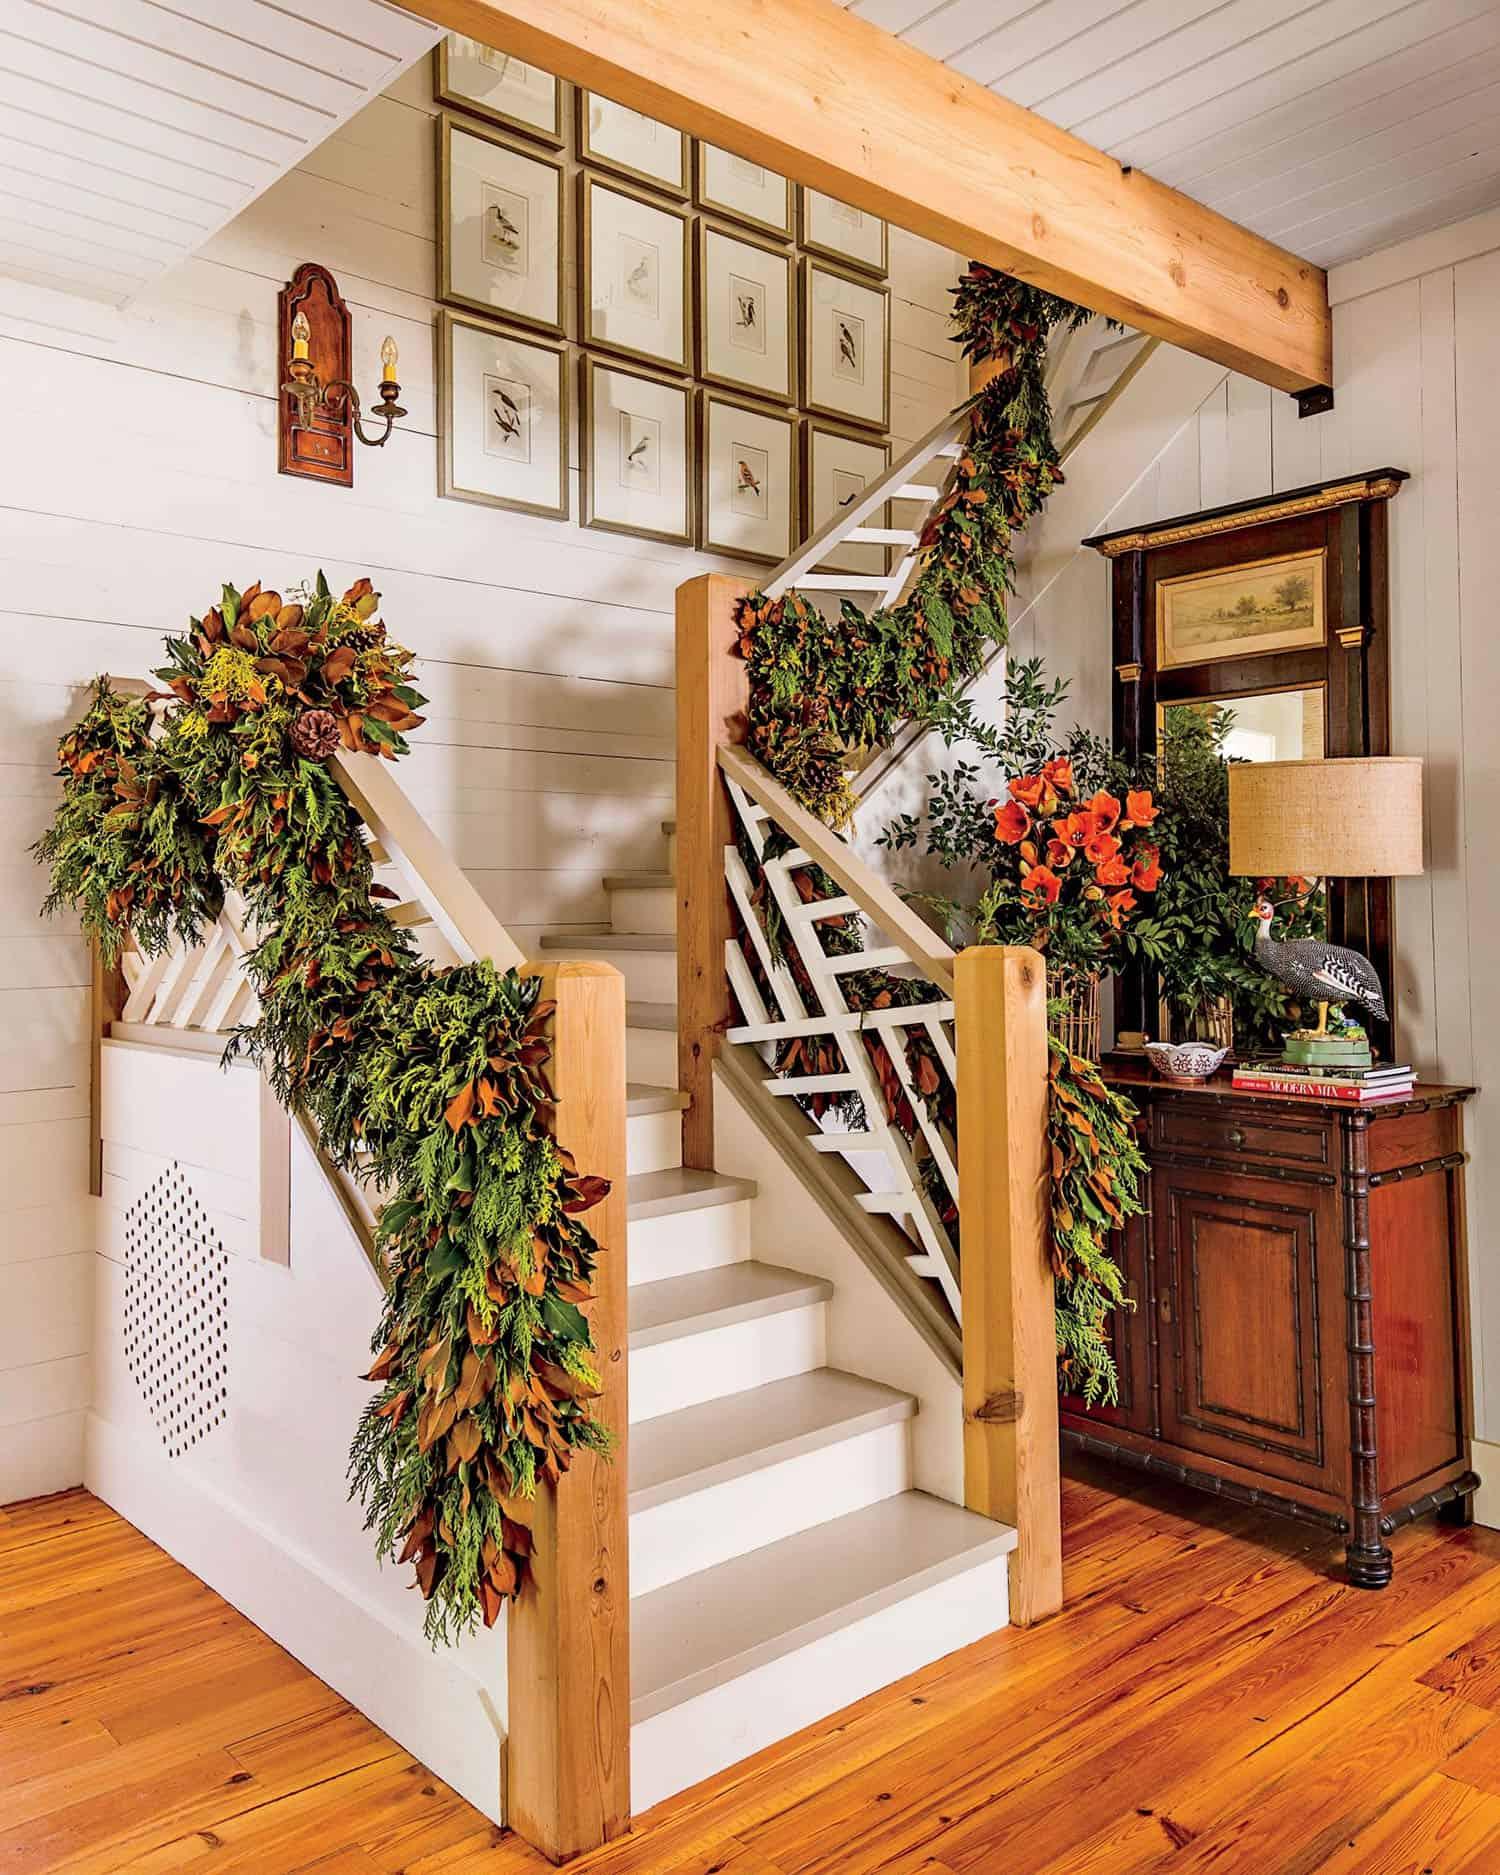 holiday-decor-ideas-staircase